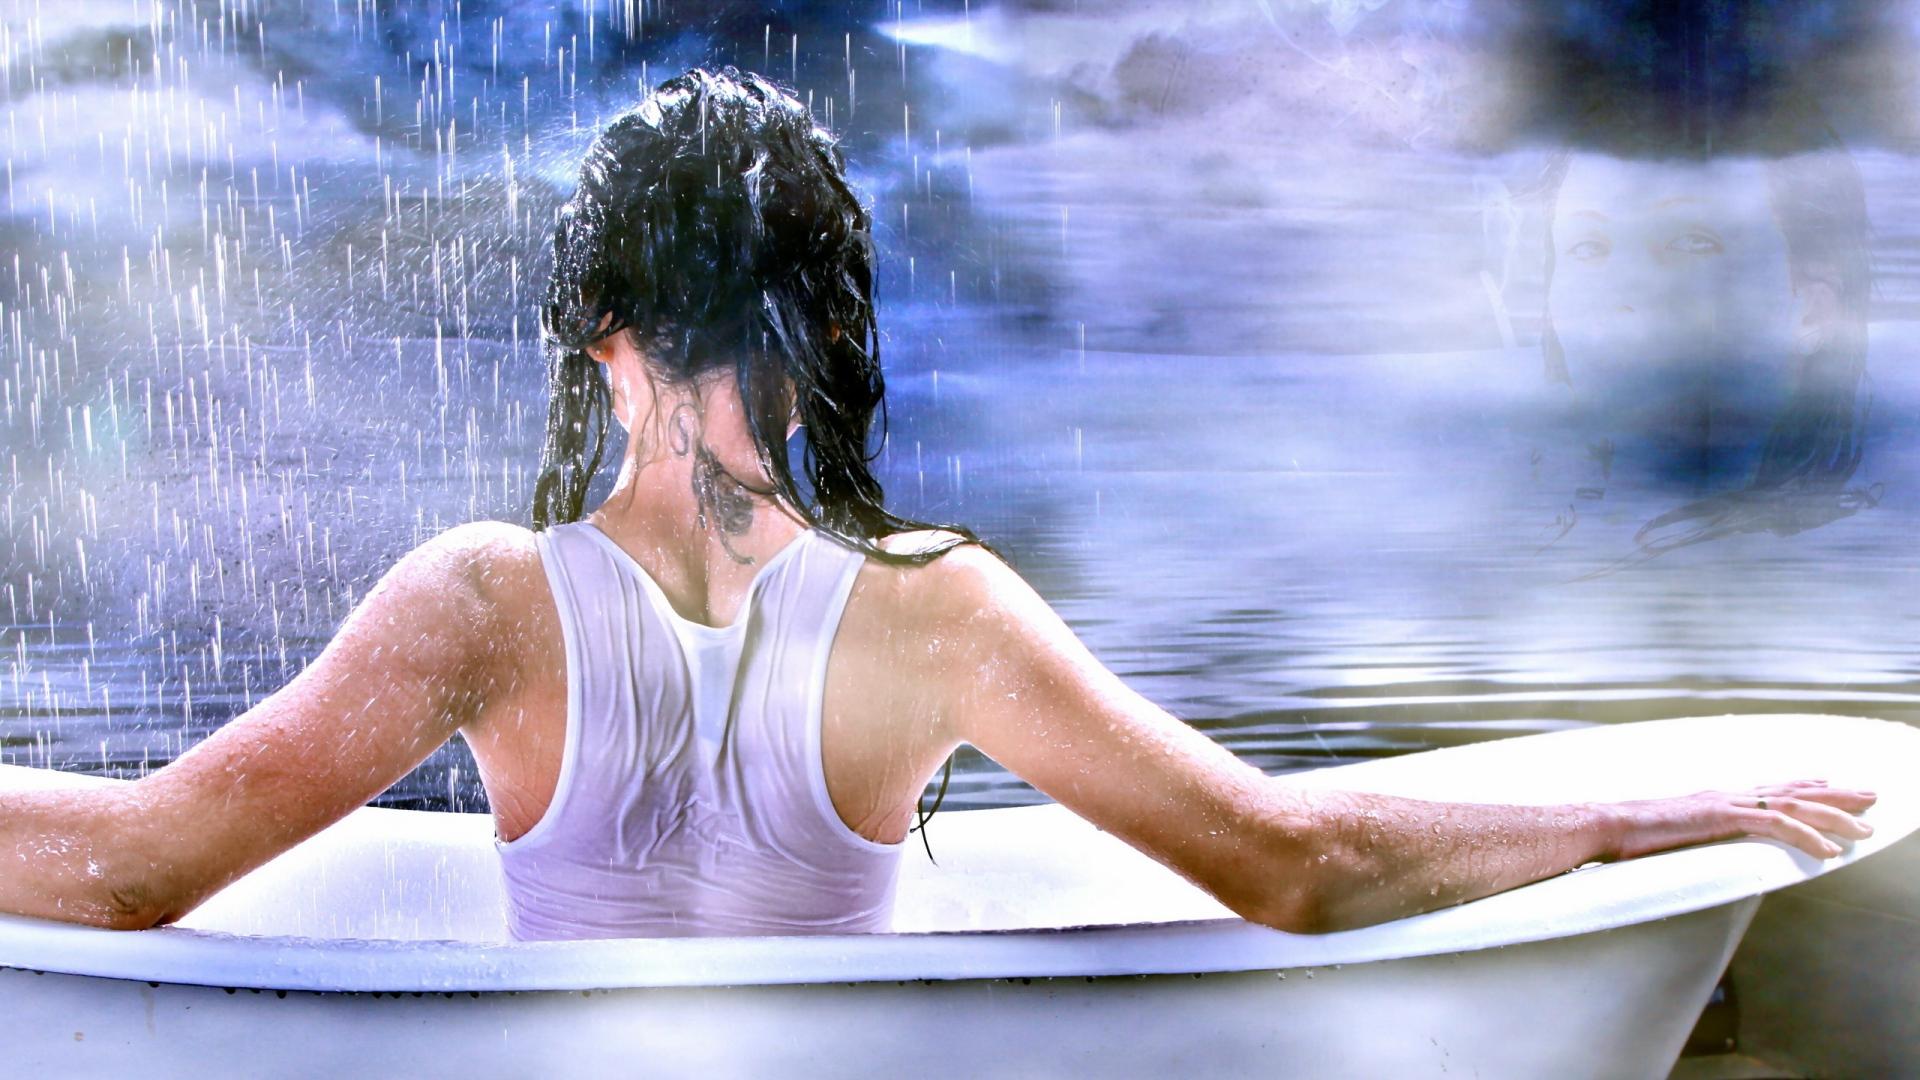 Download Wallpaper 1920x1080 girl, spin, bath, shirt, wet, water ...